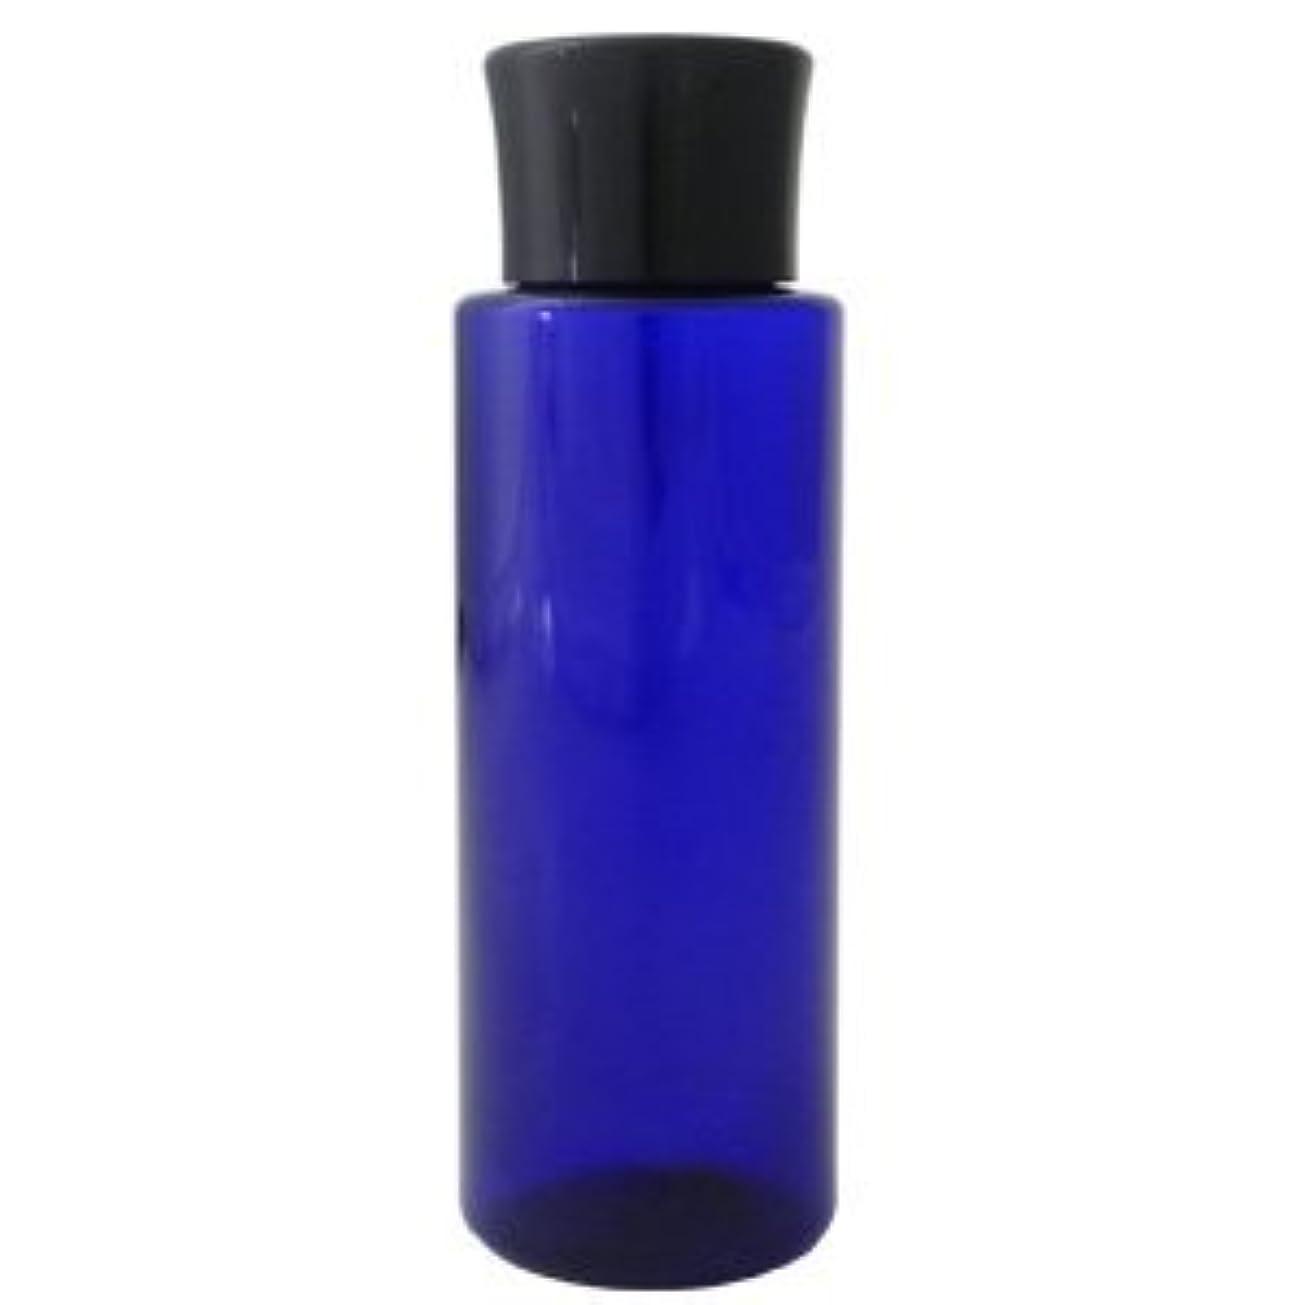 ナプキン排泄物鋭くPETボトル コバルトブルー (青) 100ml *化粧水用中栓